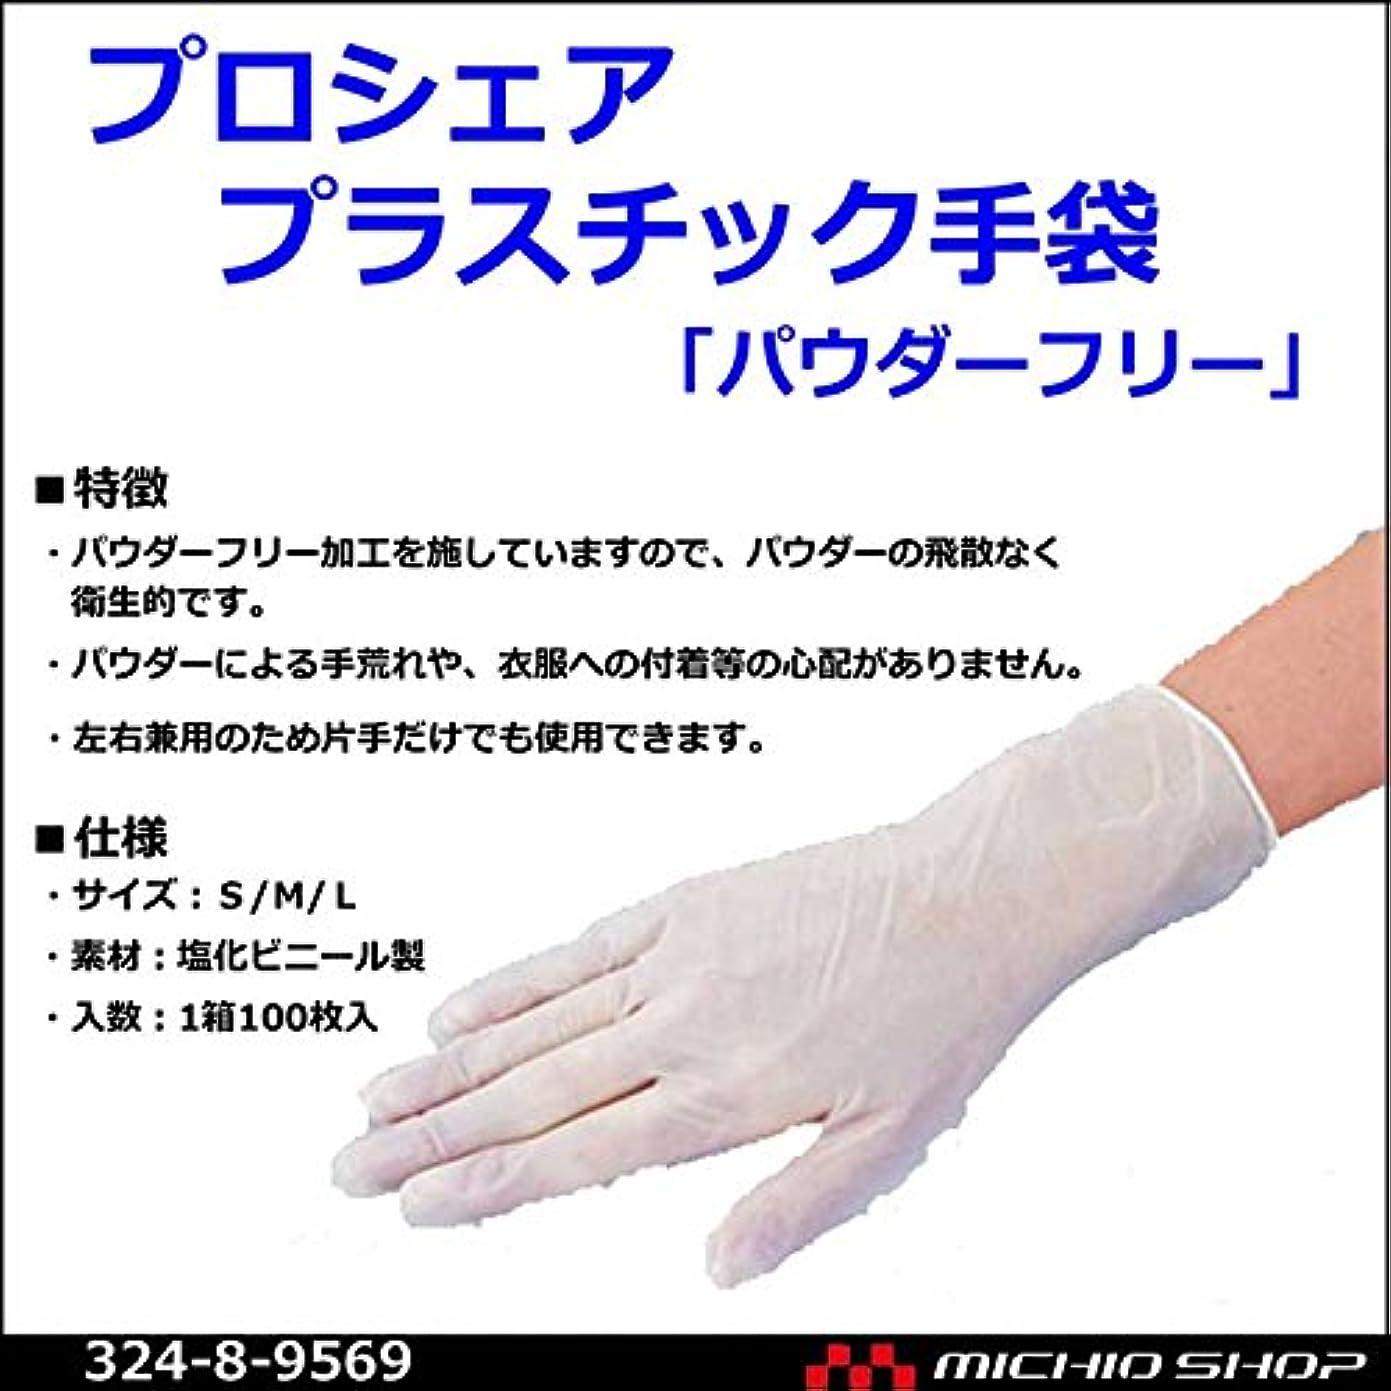 危険を冒します追い越すパン屋アズワン プロシェアプラスチック手袋 100枚入 8-9569 02 M